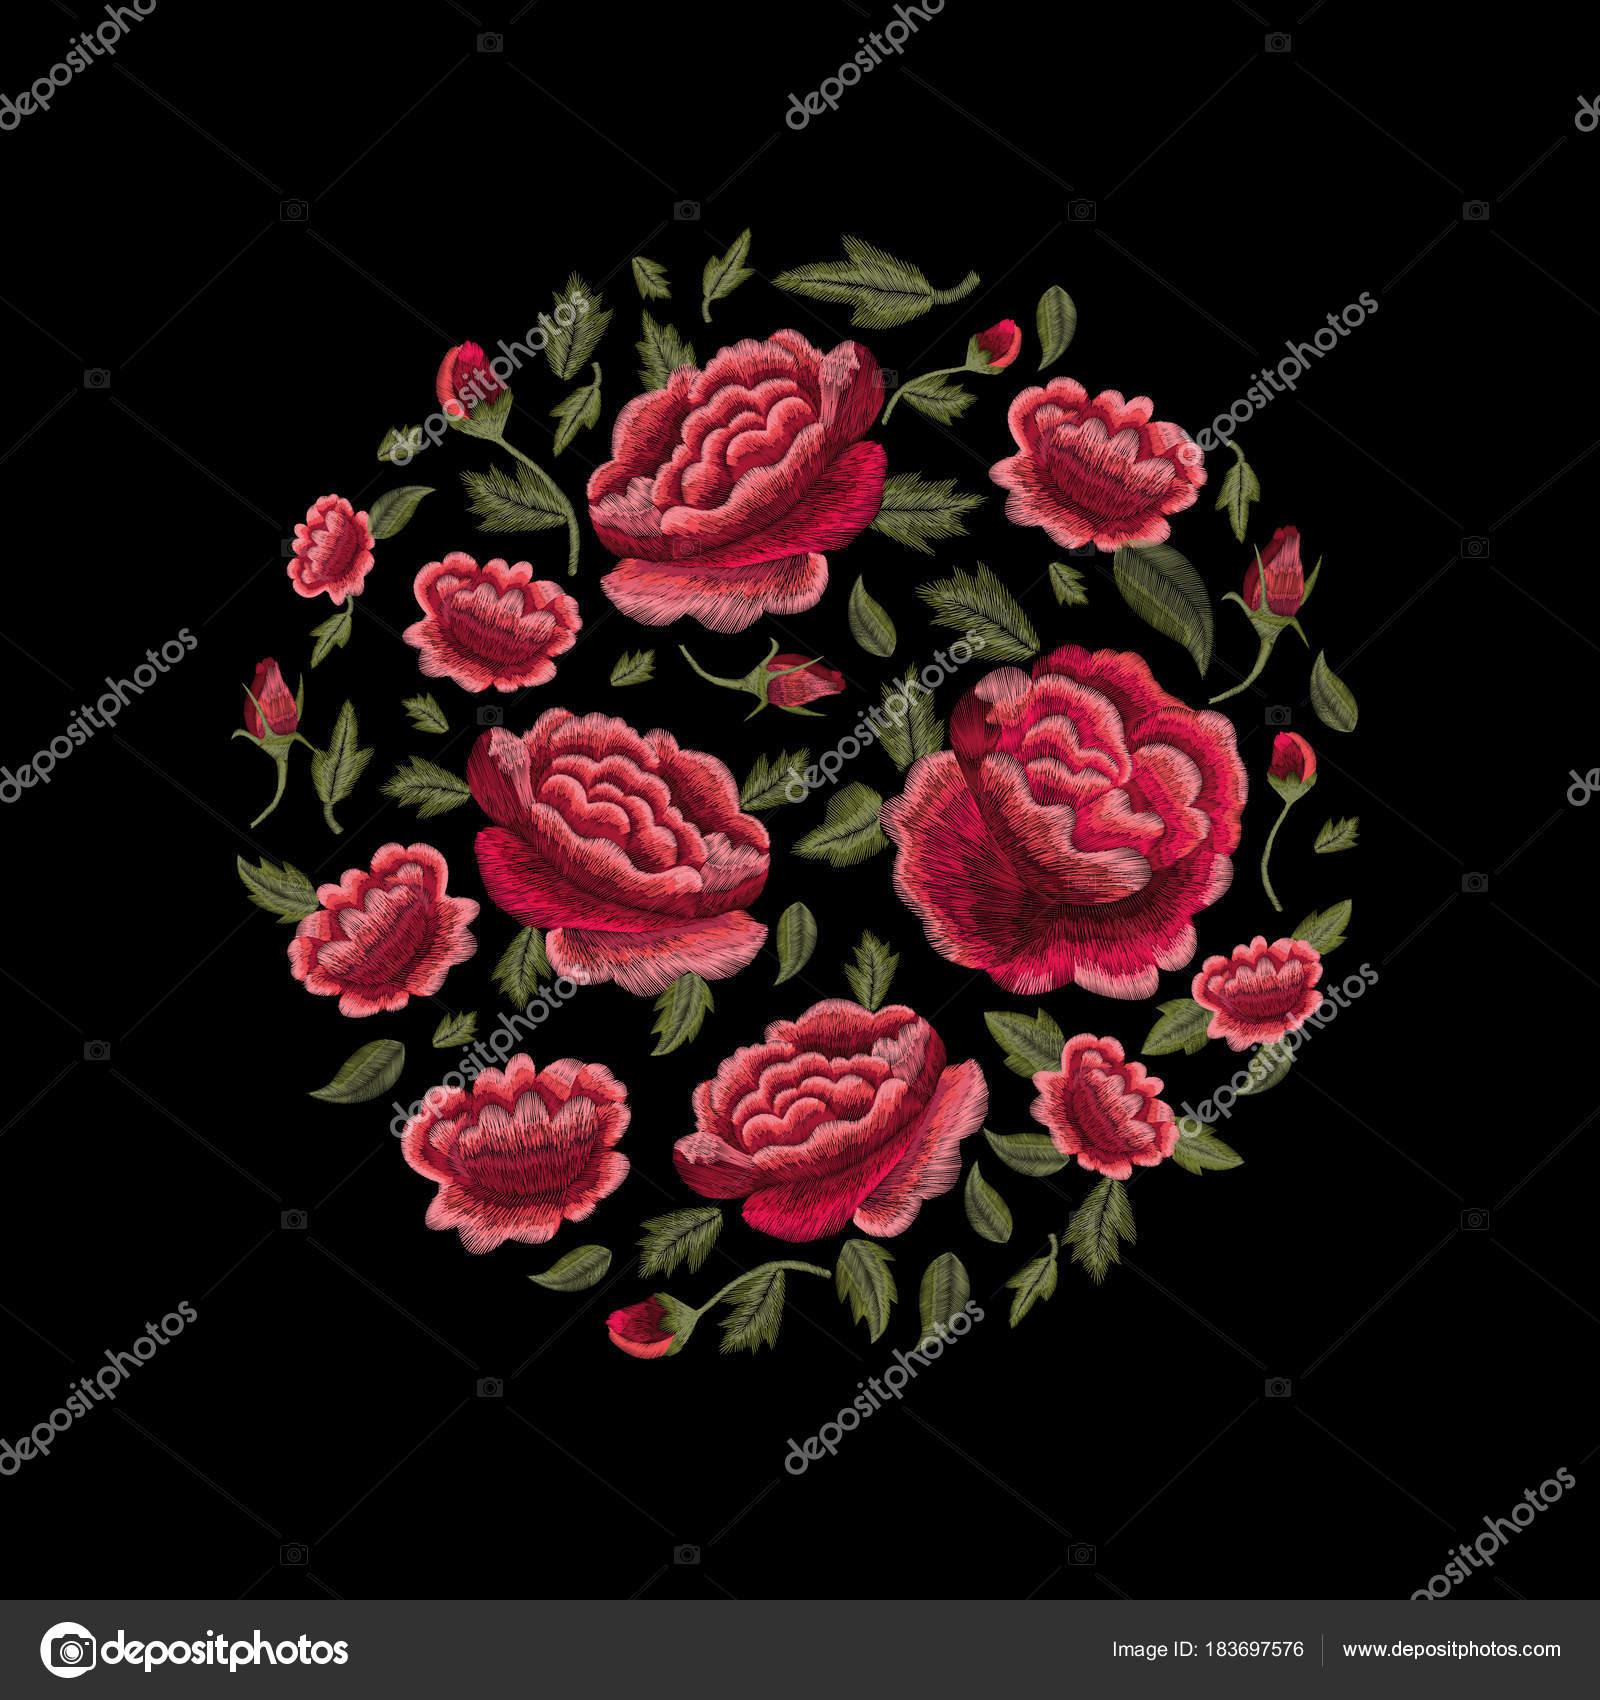 Imagenes Rosas Tradicionales Conjunto Flores Tradicional Popular